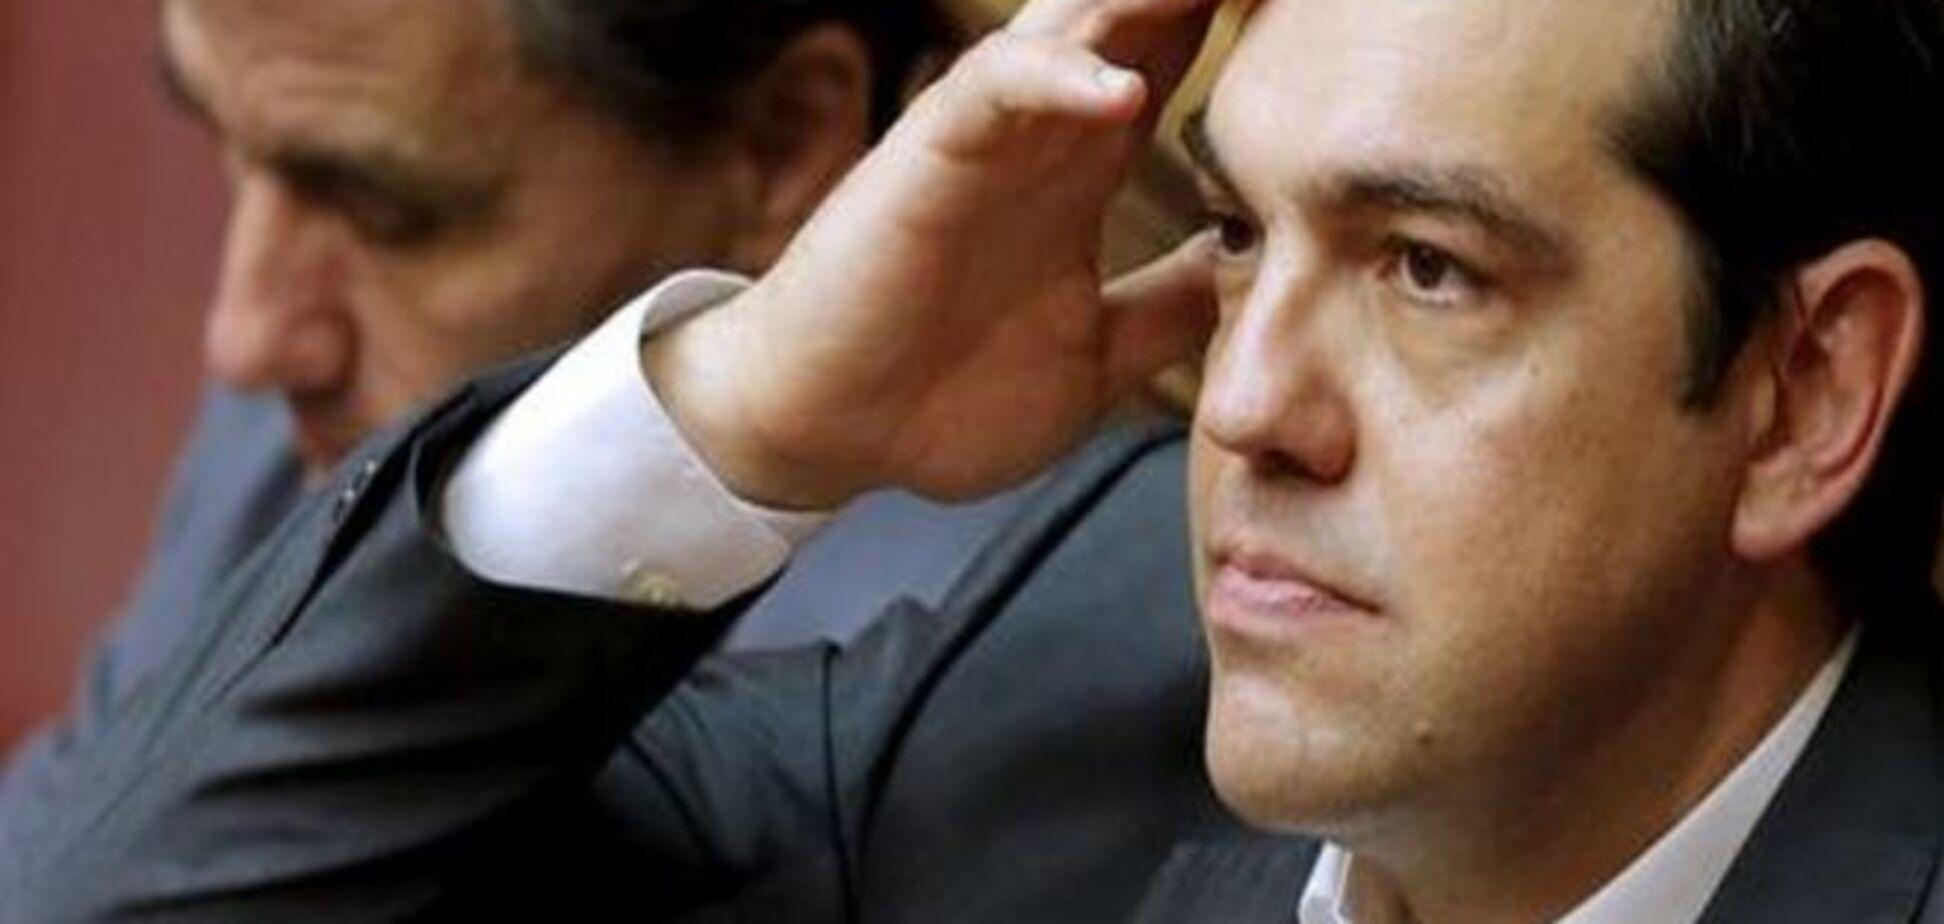 Коментар: Кінець пільгового періоду для Ципраса